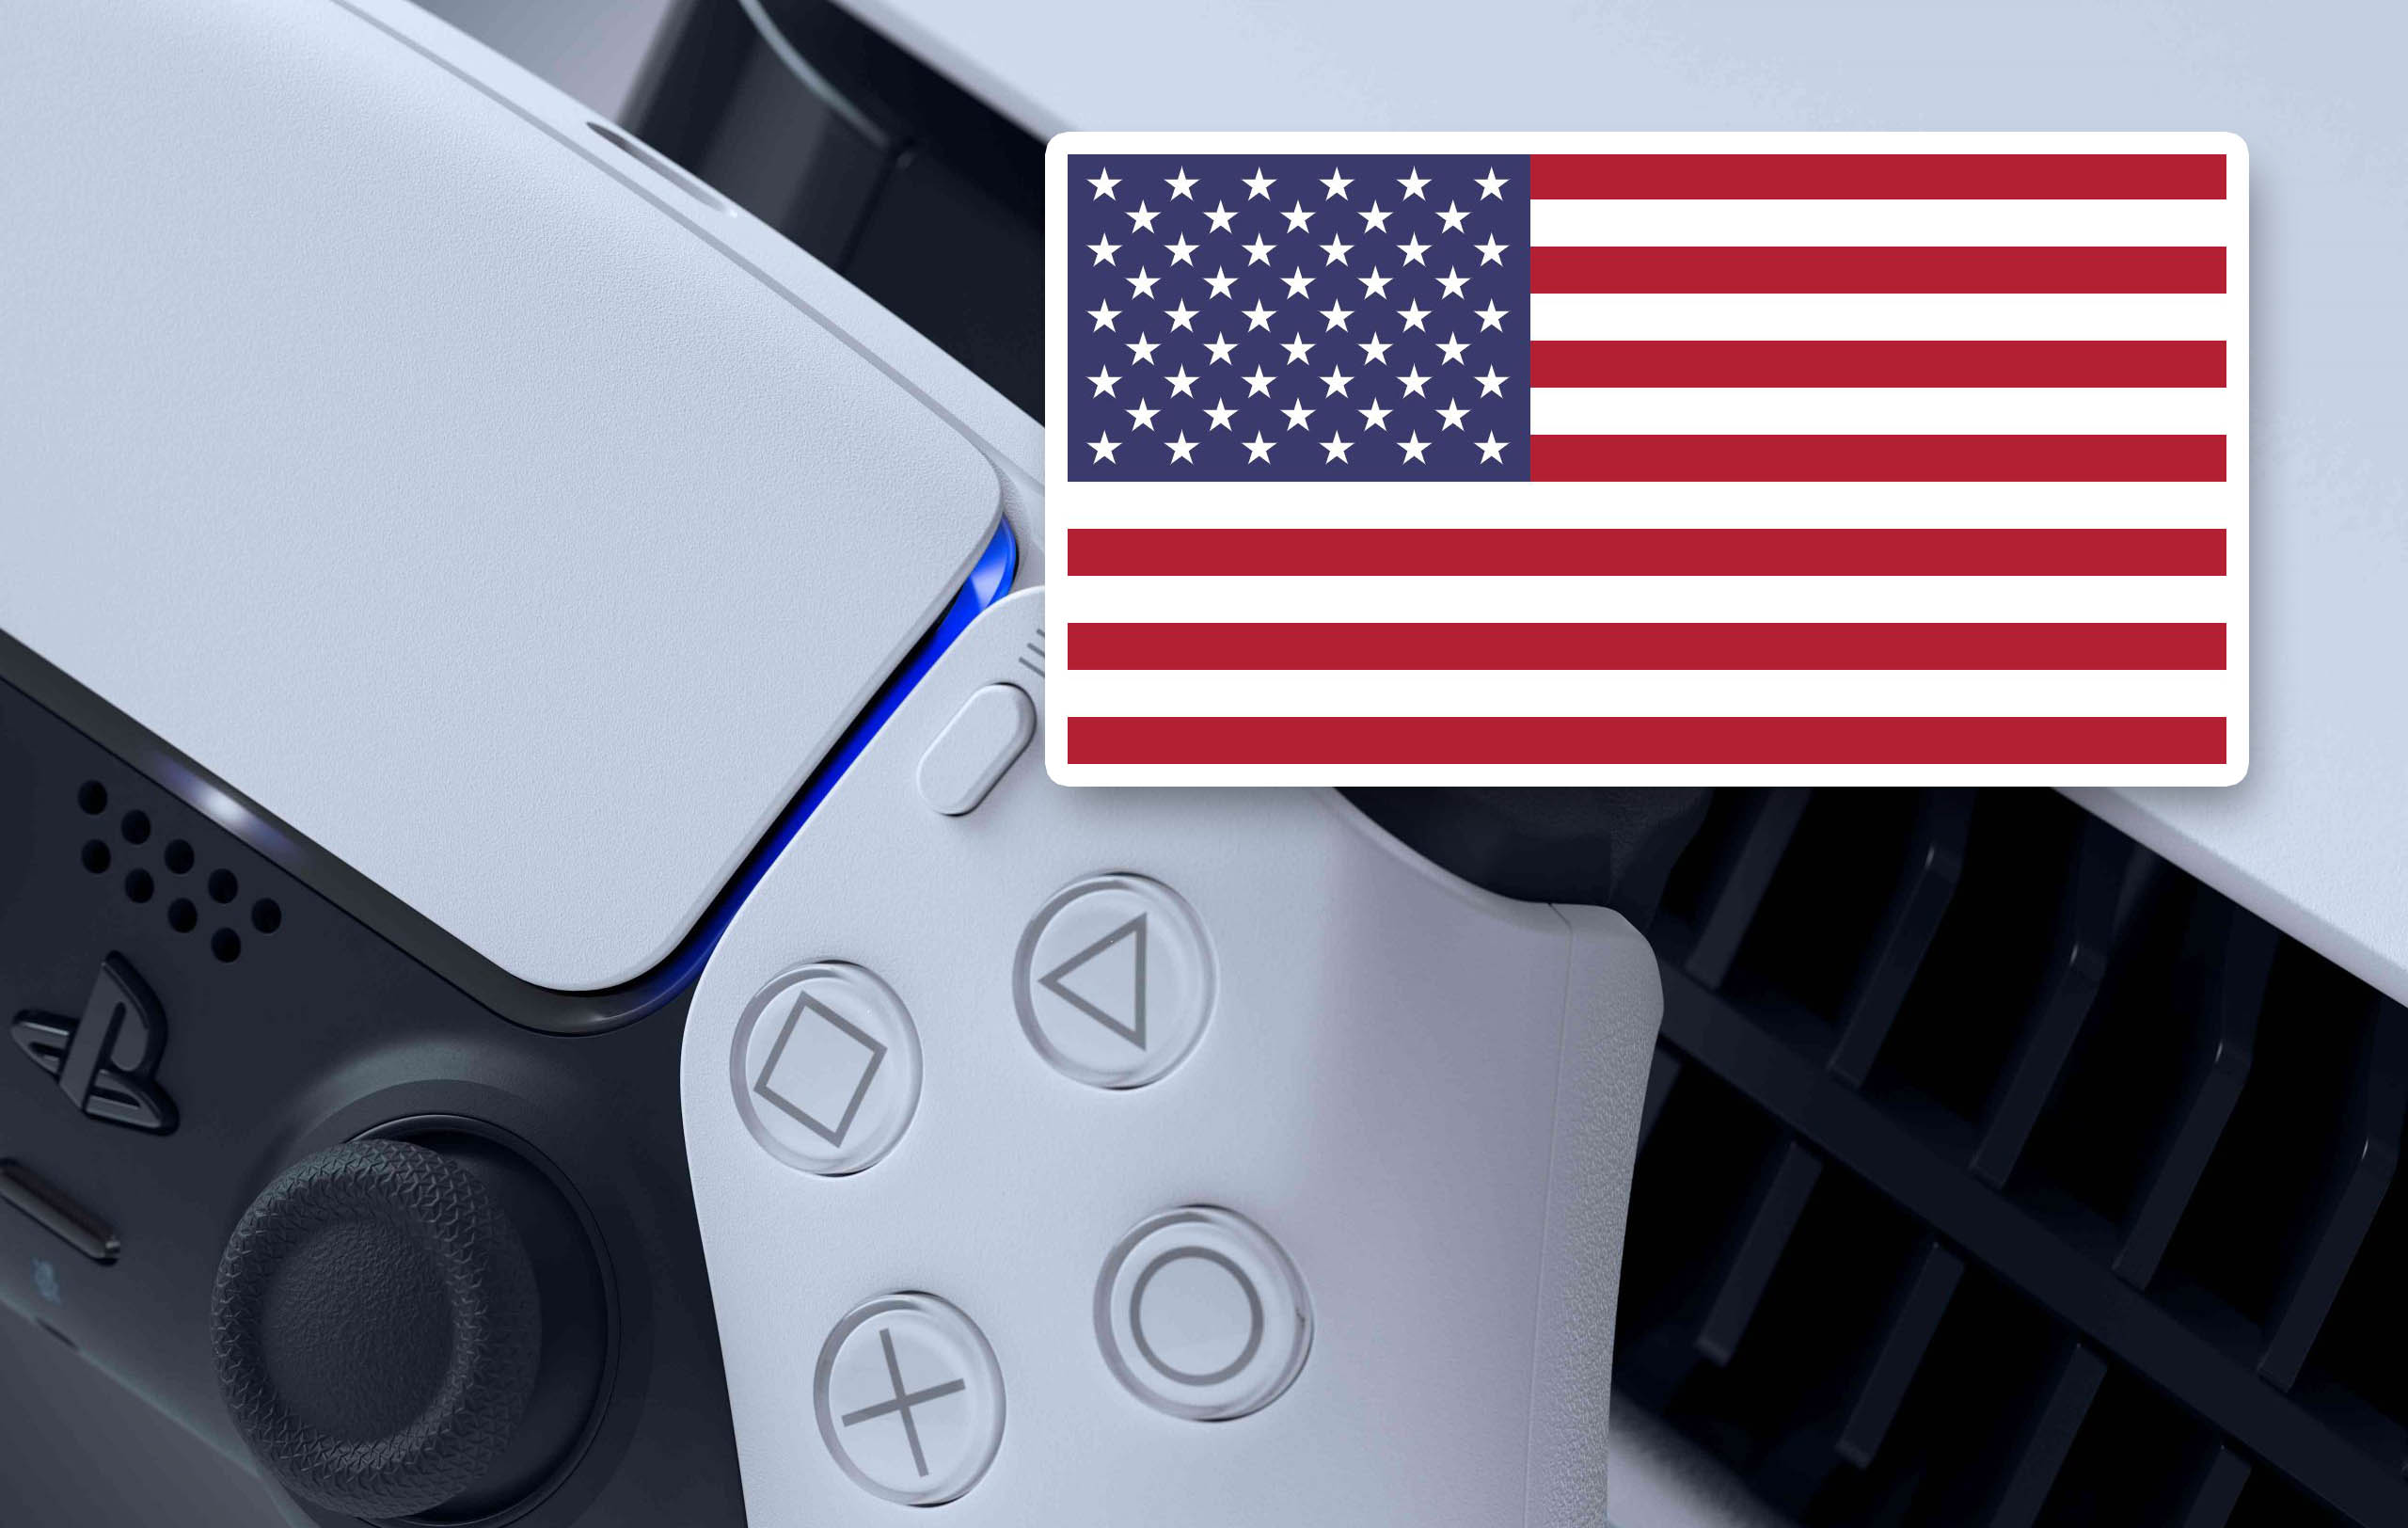 PS5 USA